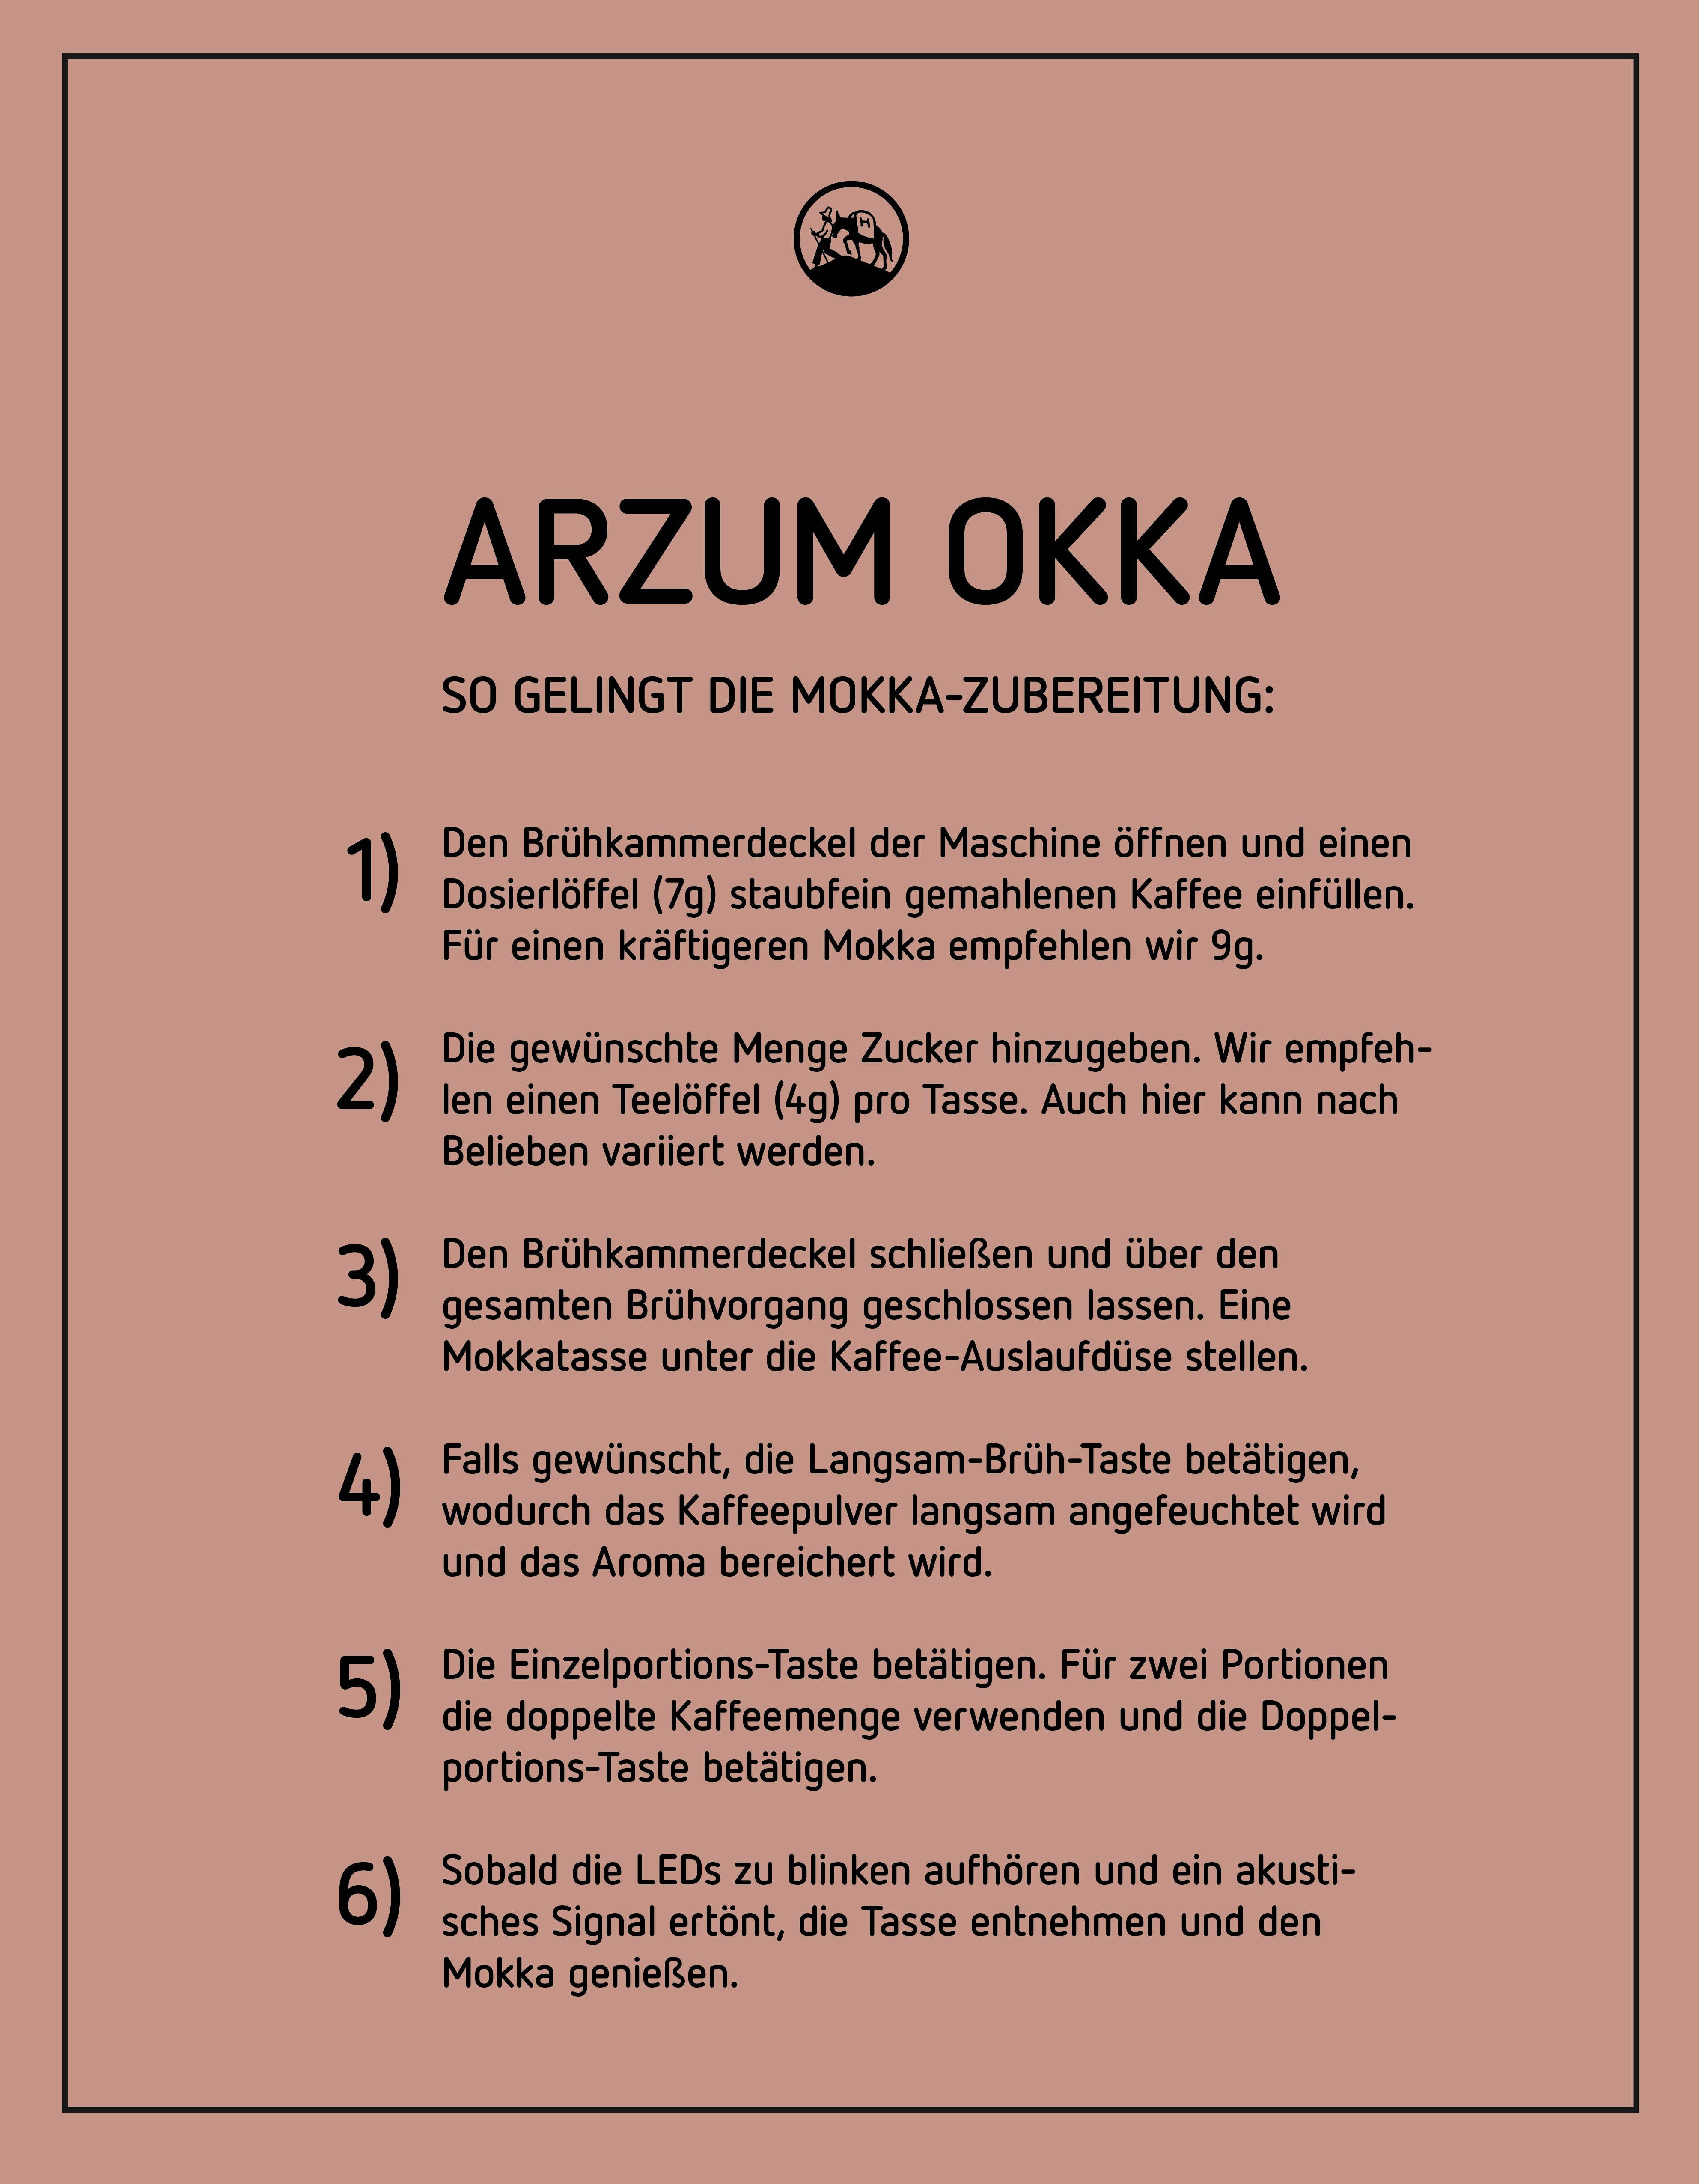 Mokkazubereitung mit der Arzum Okka